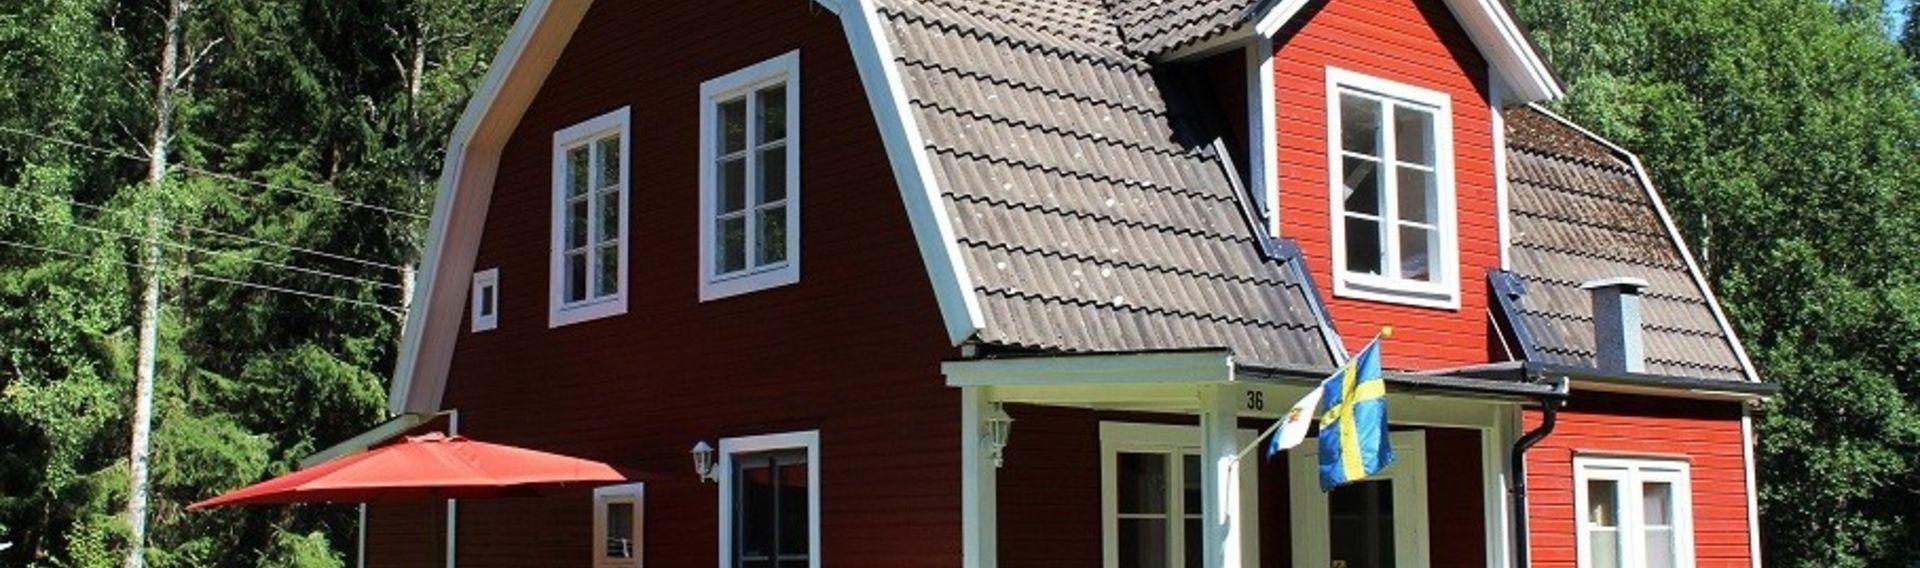 Urlaub Schweden mit Hund Ferienhaus Blanken